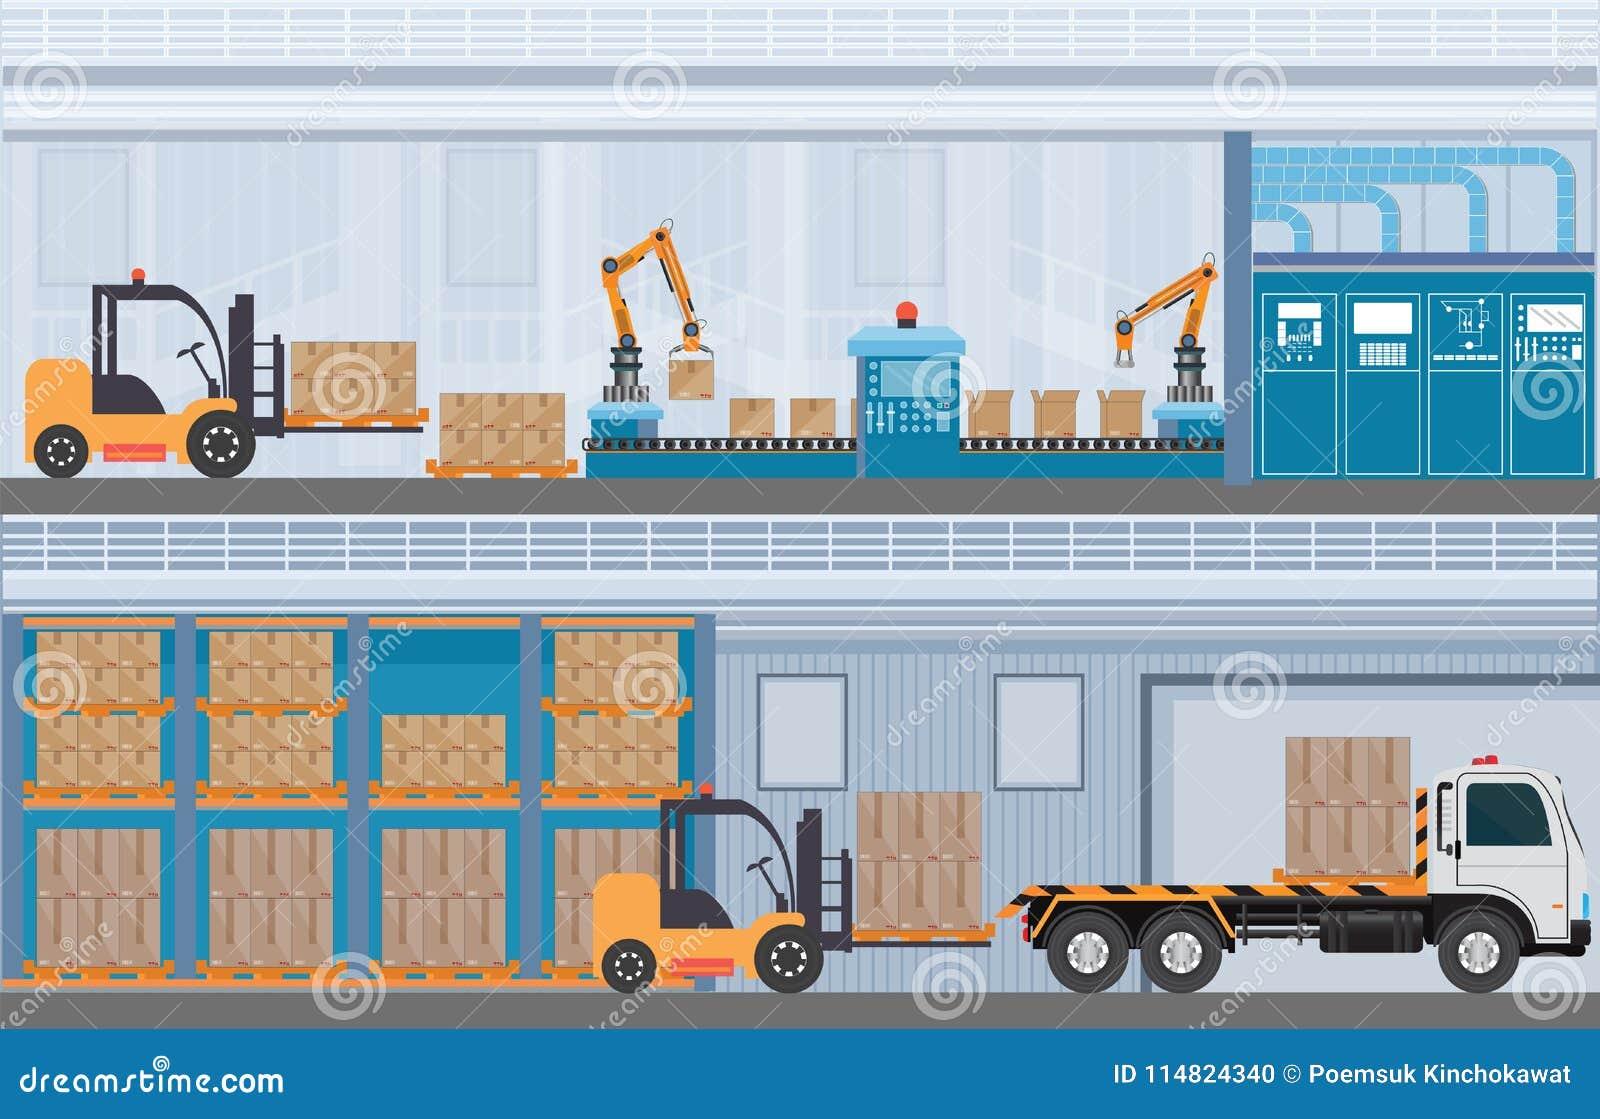 транспортер для склада